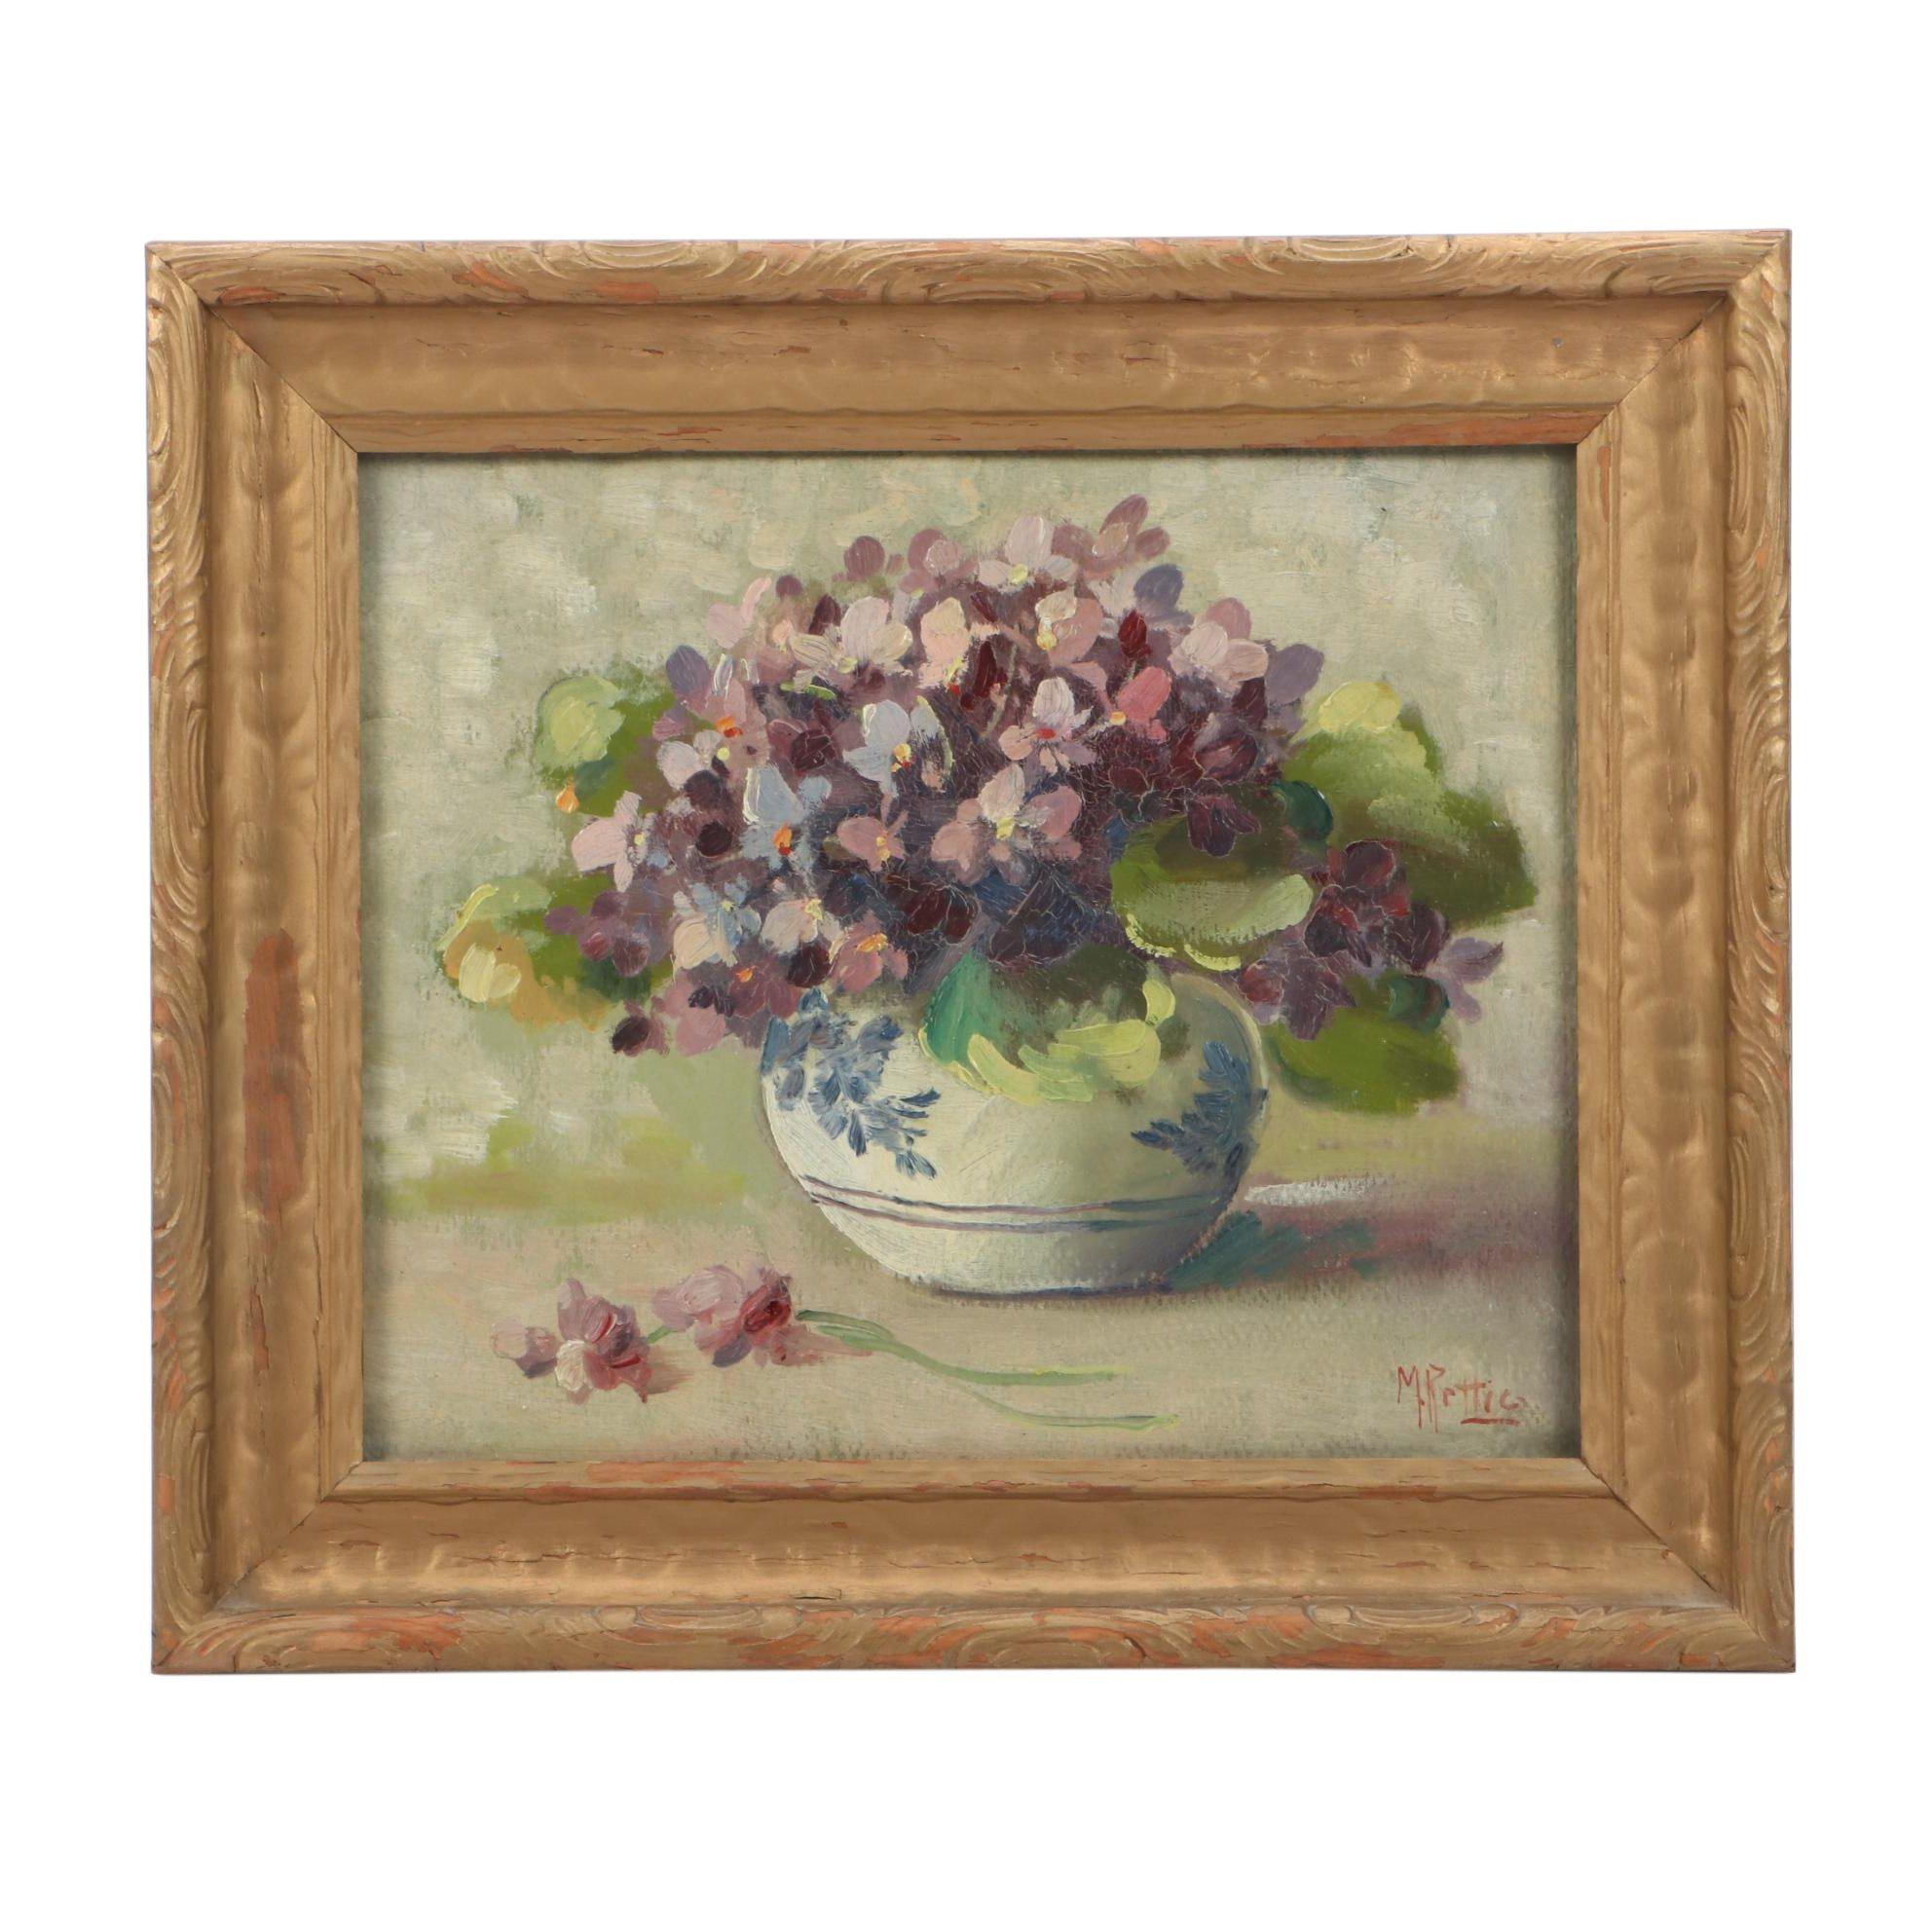 """Martin Rettig Floral Still Life Oil Painting """"Violets"""""""